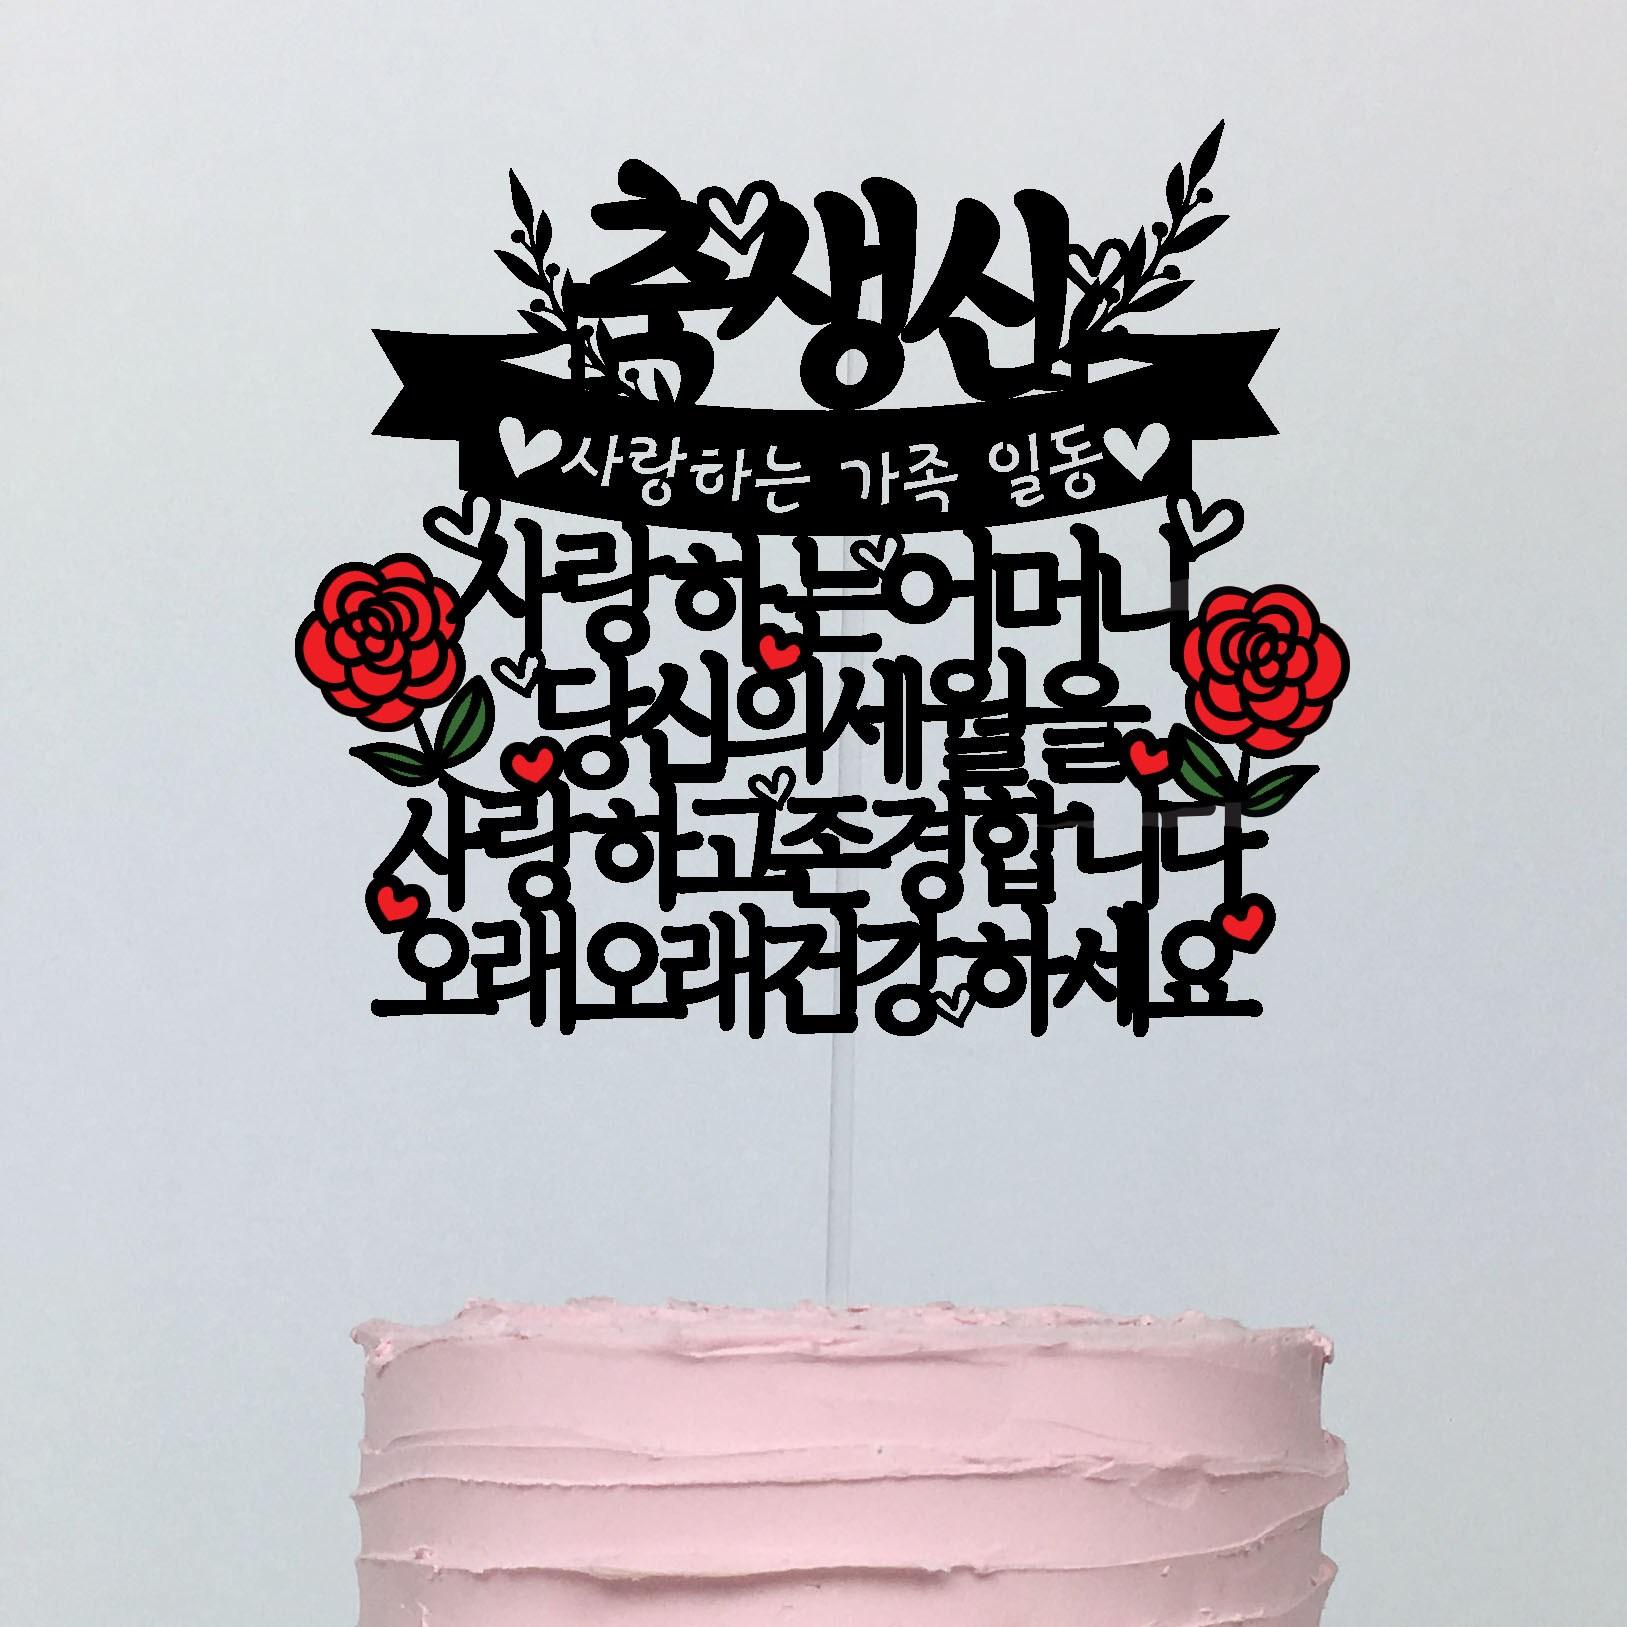 써봄토퍼 부모님선물 편지 생신 환갑 고희 케이크토퍼, 축생신-어머니